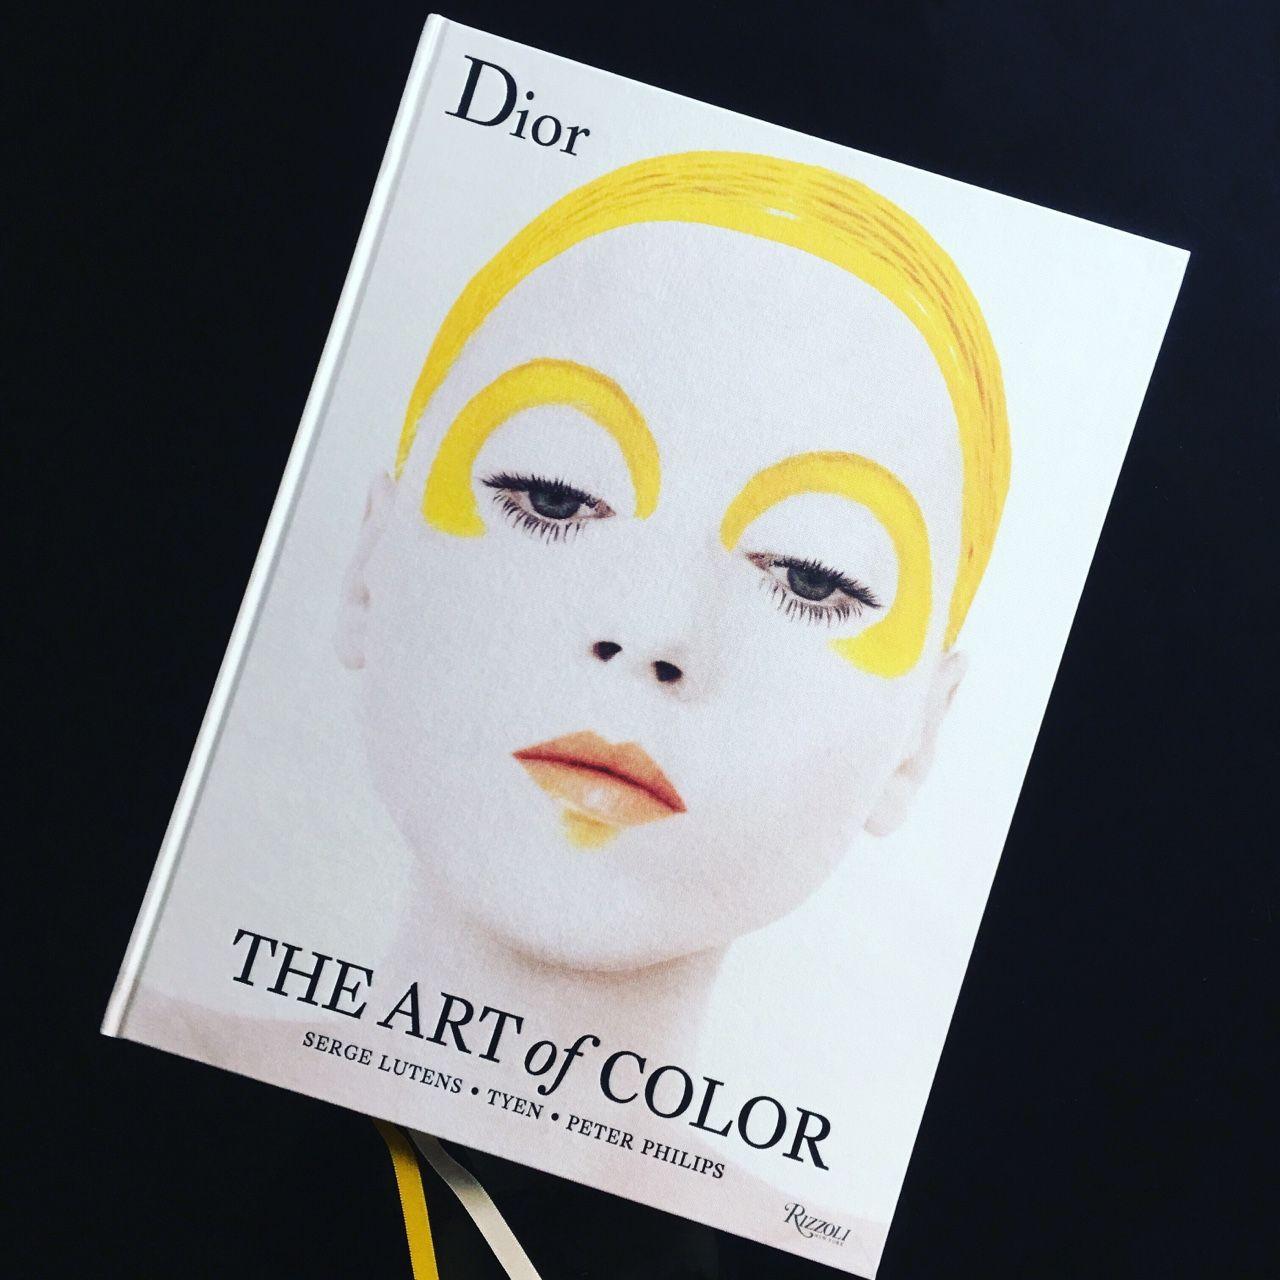 The art of color book - Dior The Art Of Color New Book Finalmente Mio Non Vedevo L